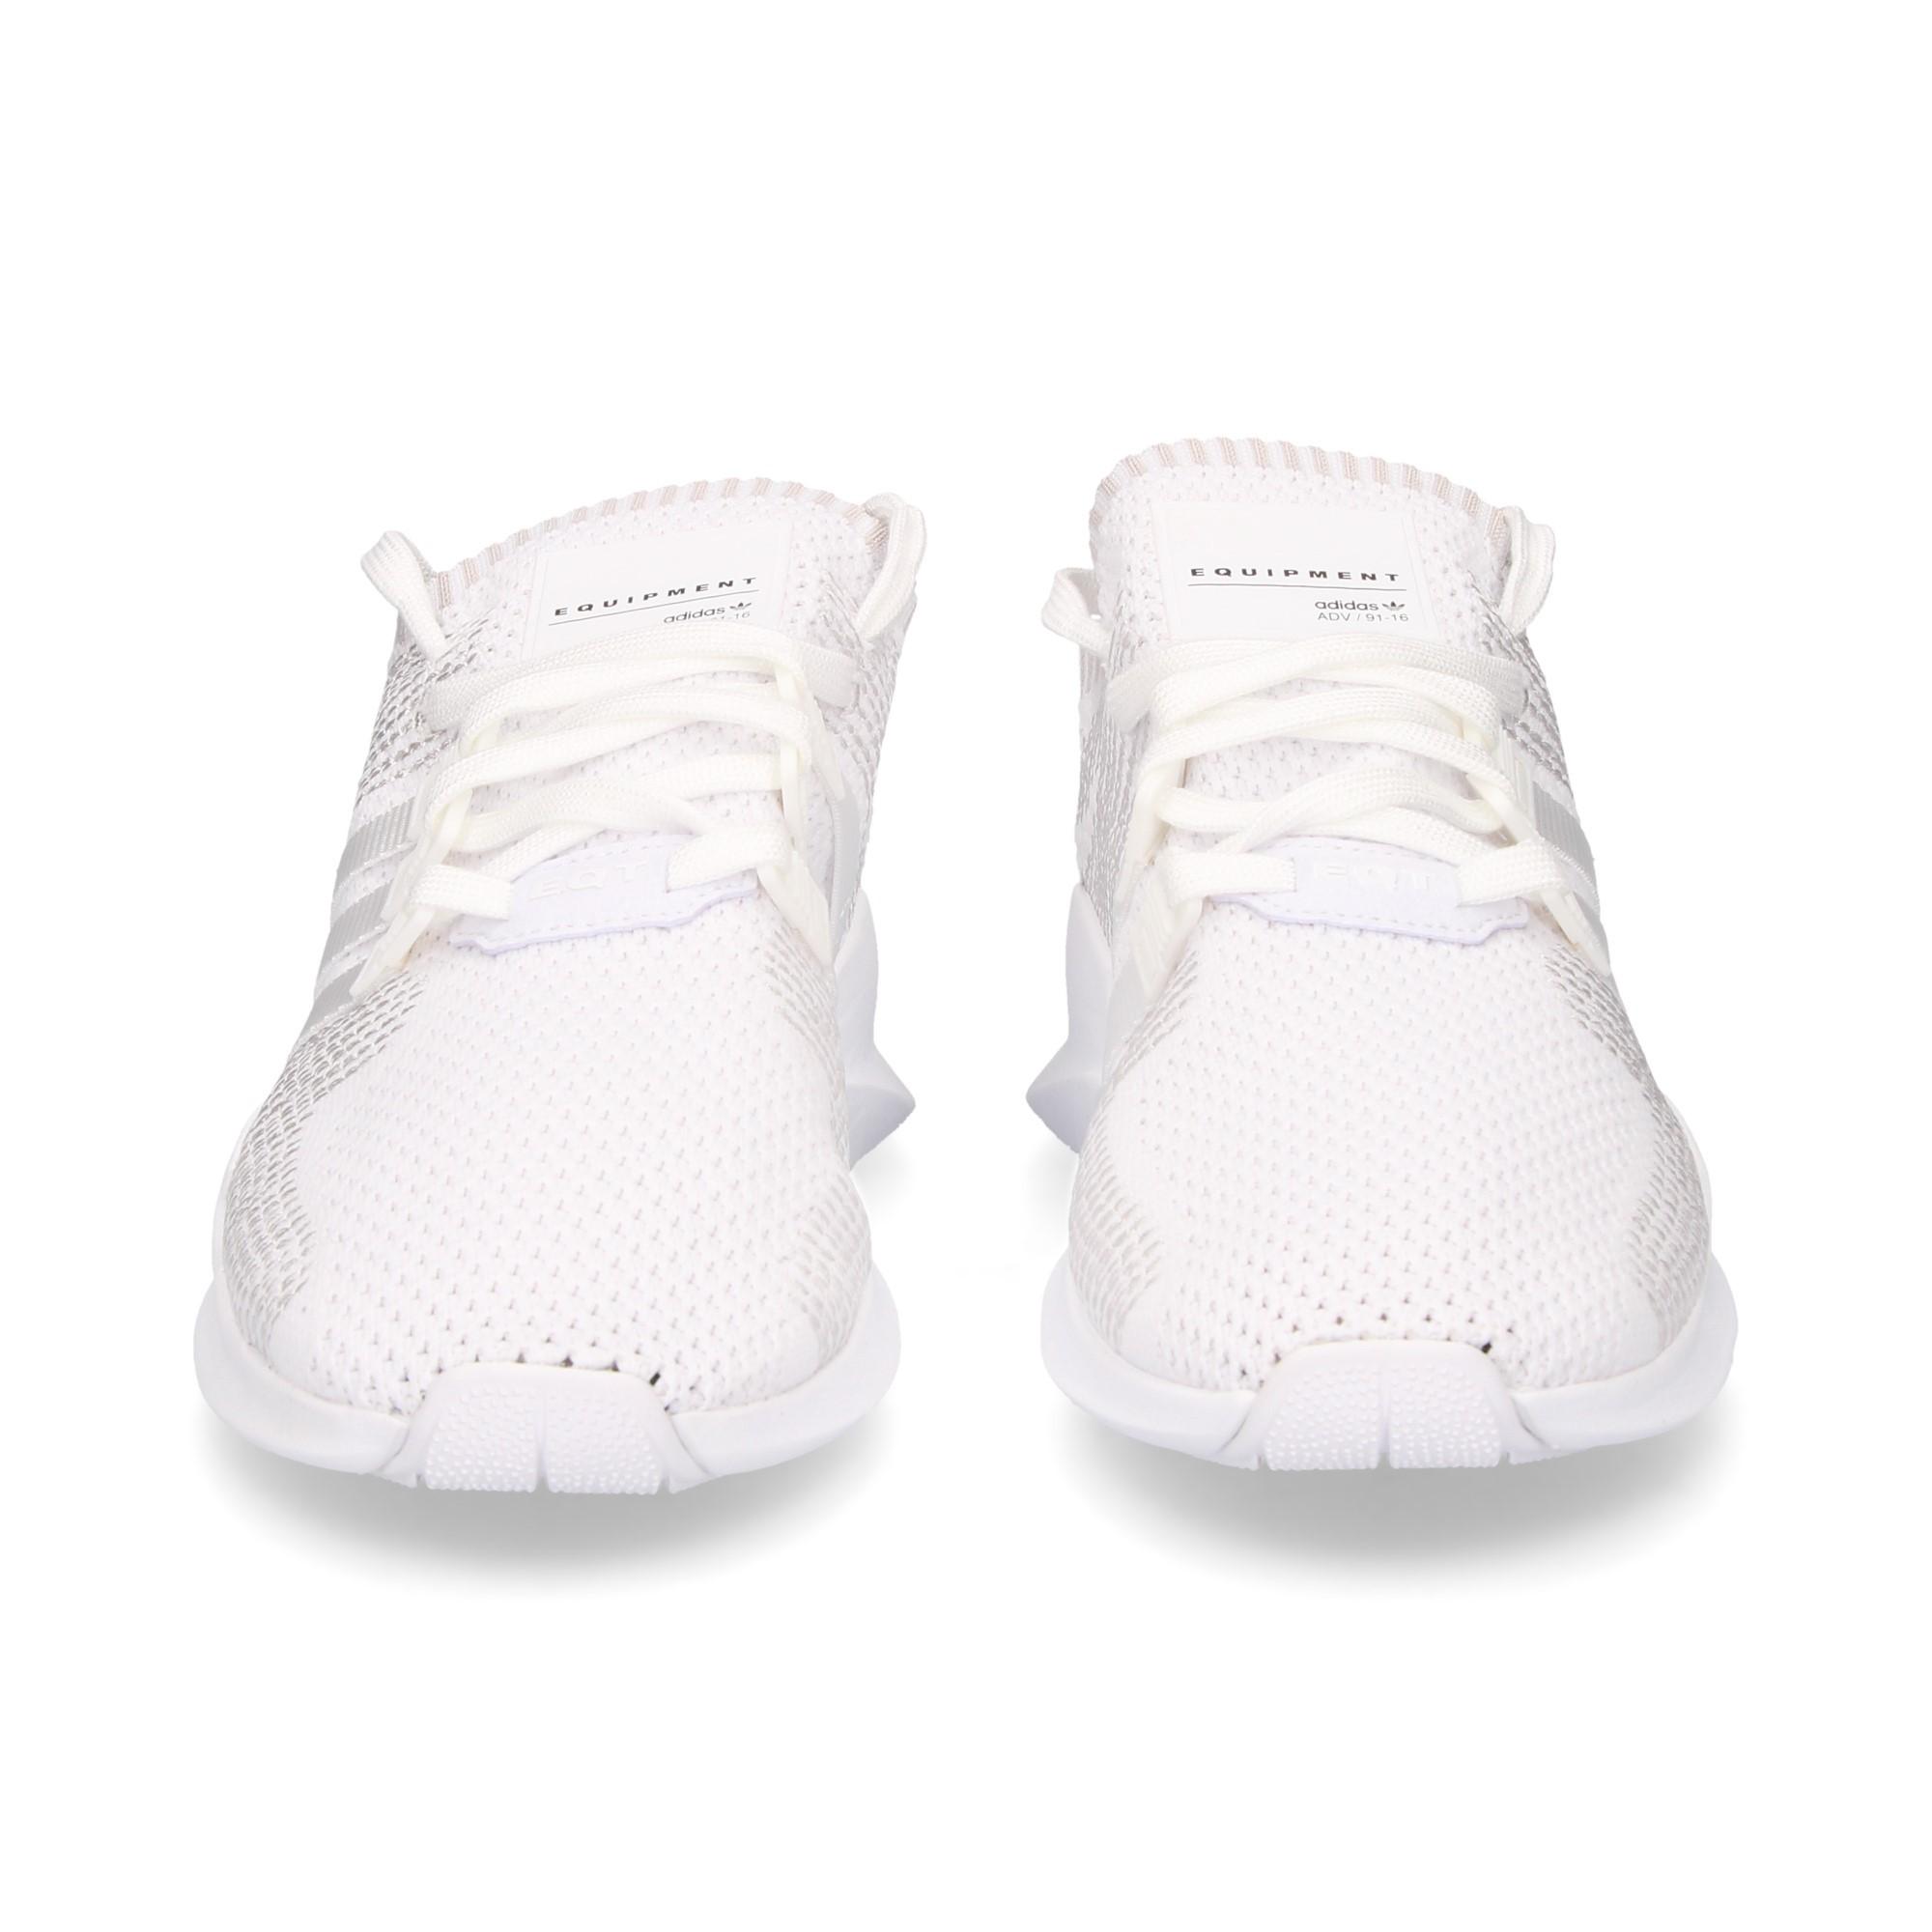 deportivo-cordones-elastico-blanco